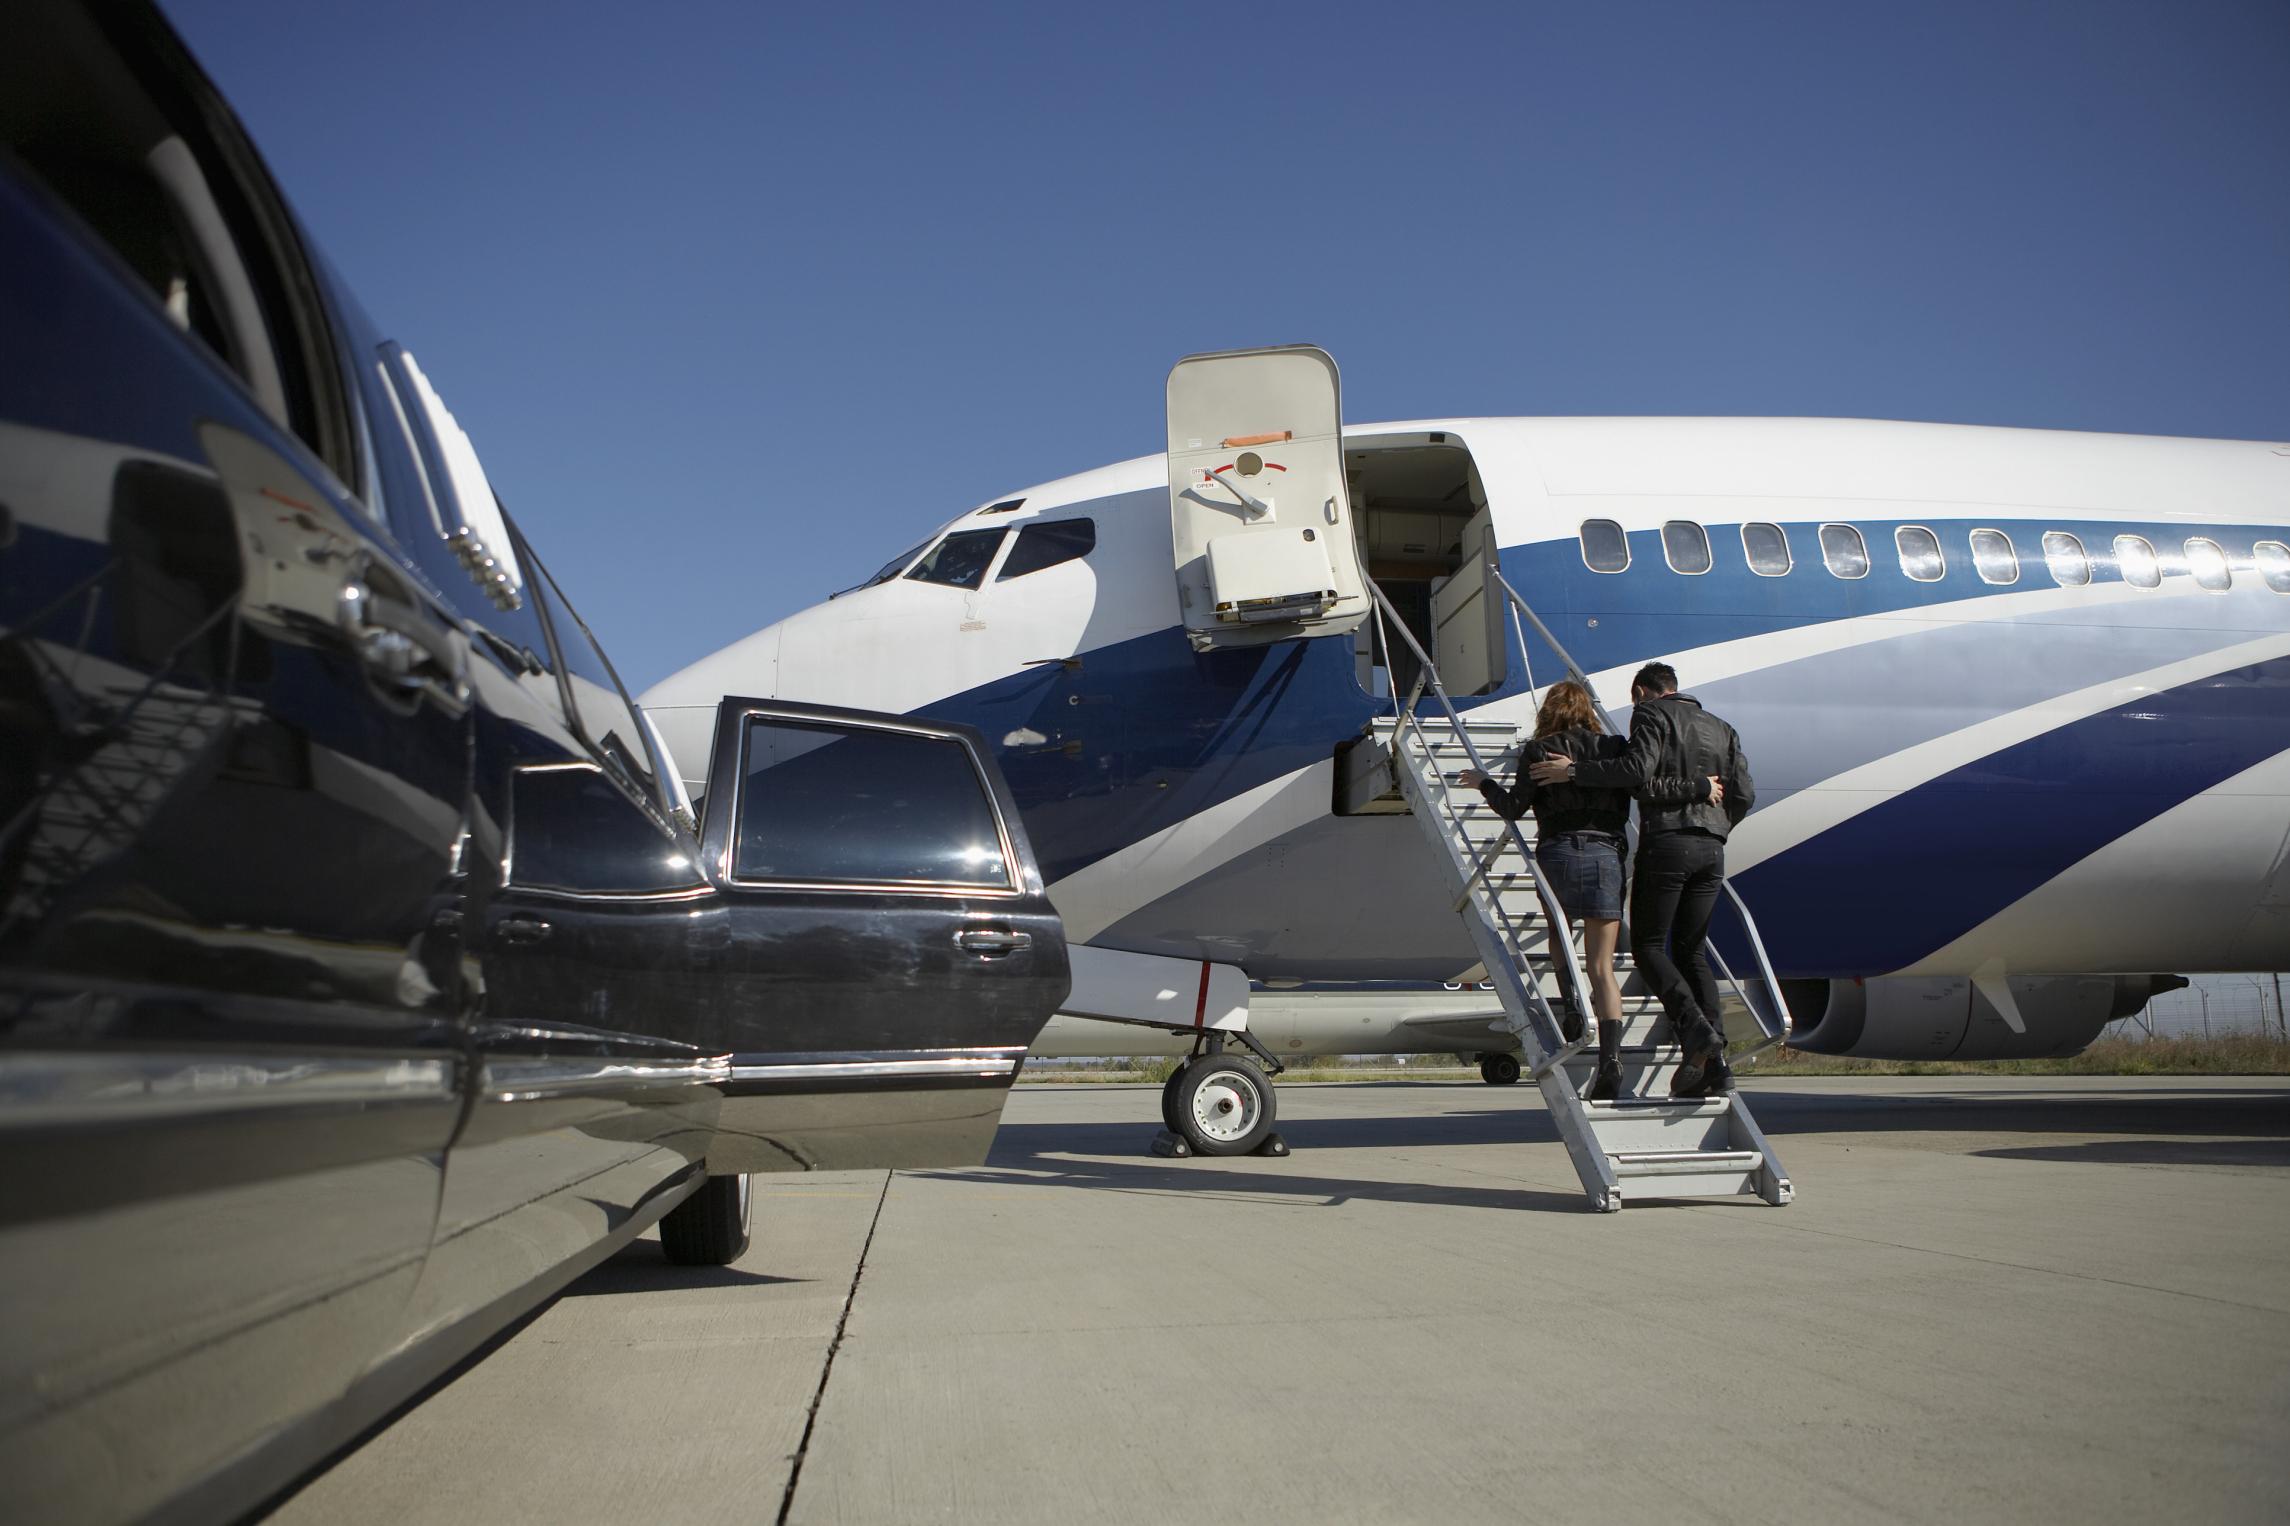 Passengers boarding airplane on runway